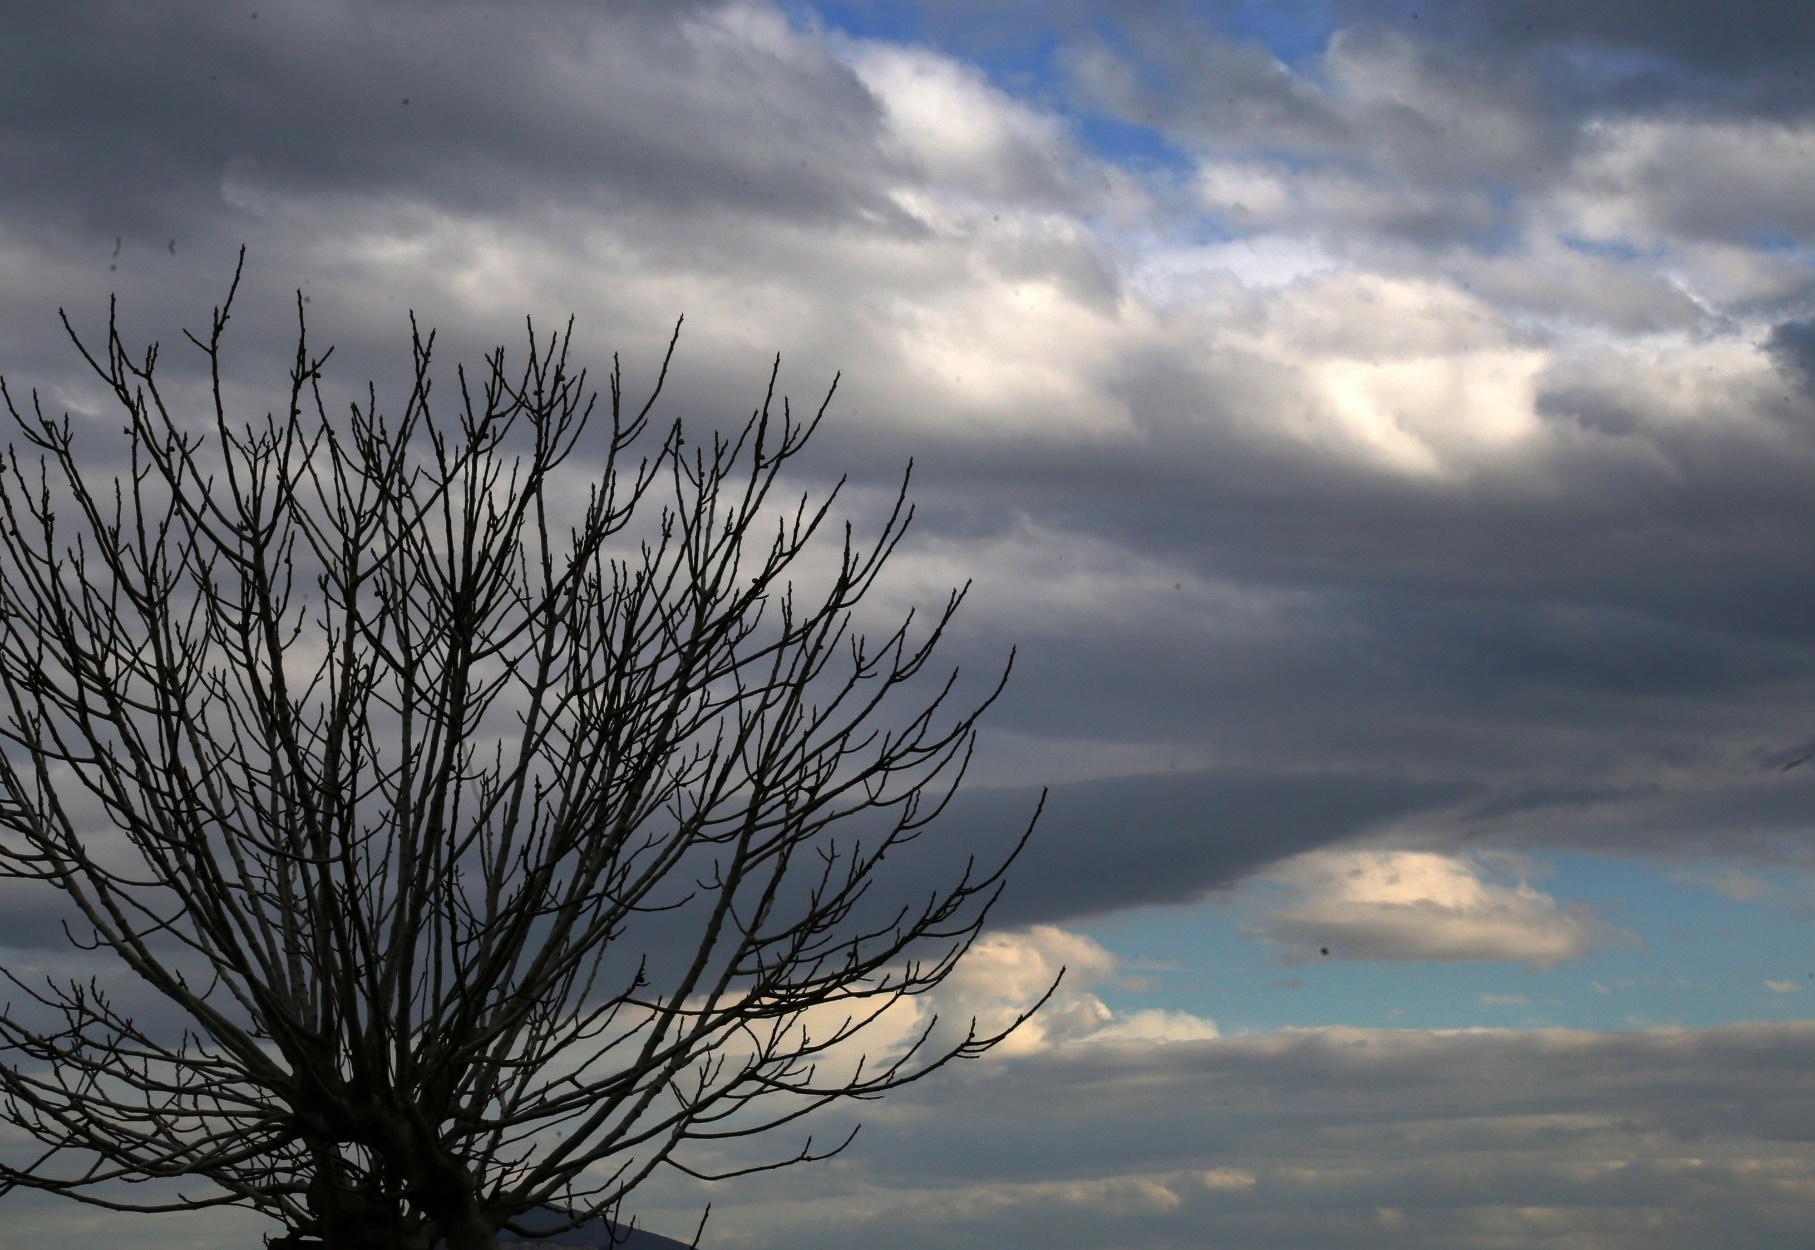 Ο καιρός στην Πάτρα σήμερα (2021-02-13)